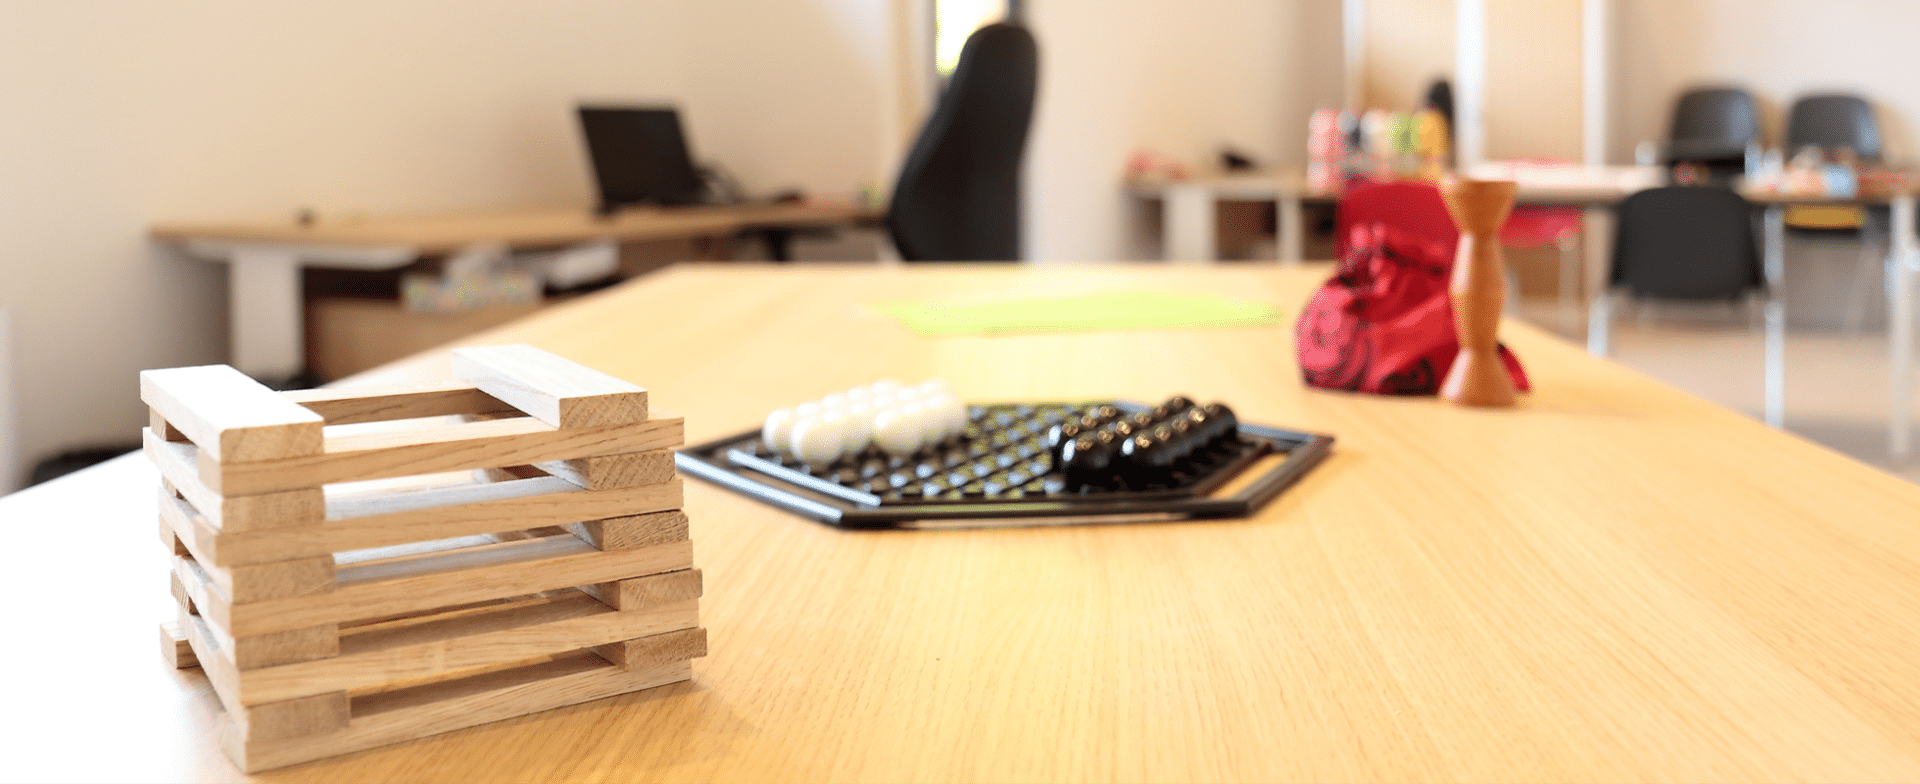 SESSAD - ITEP La Boissière Table avec jeux de construction